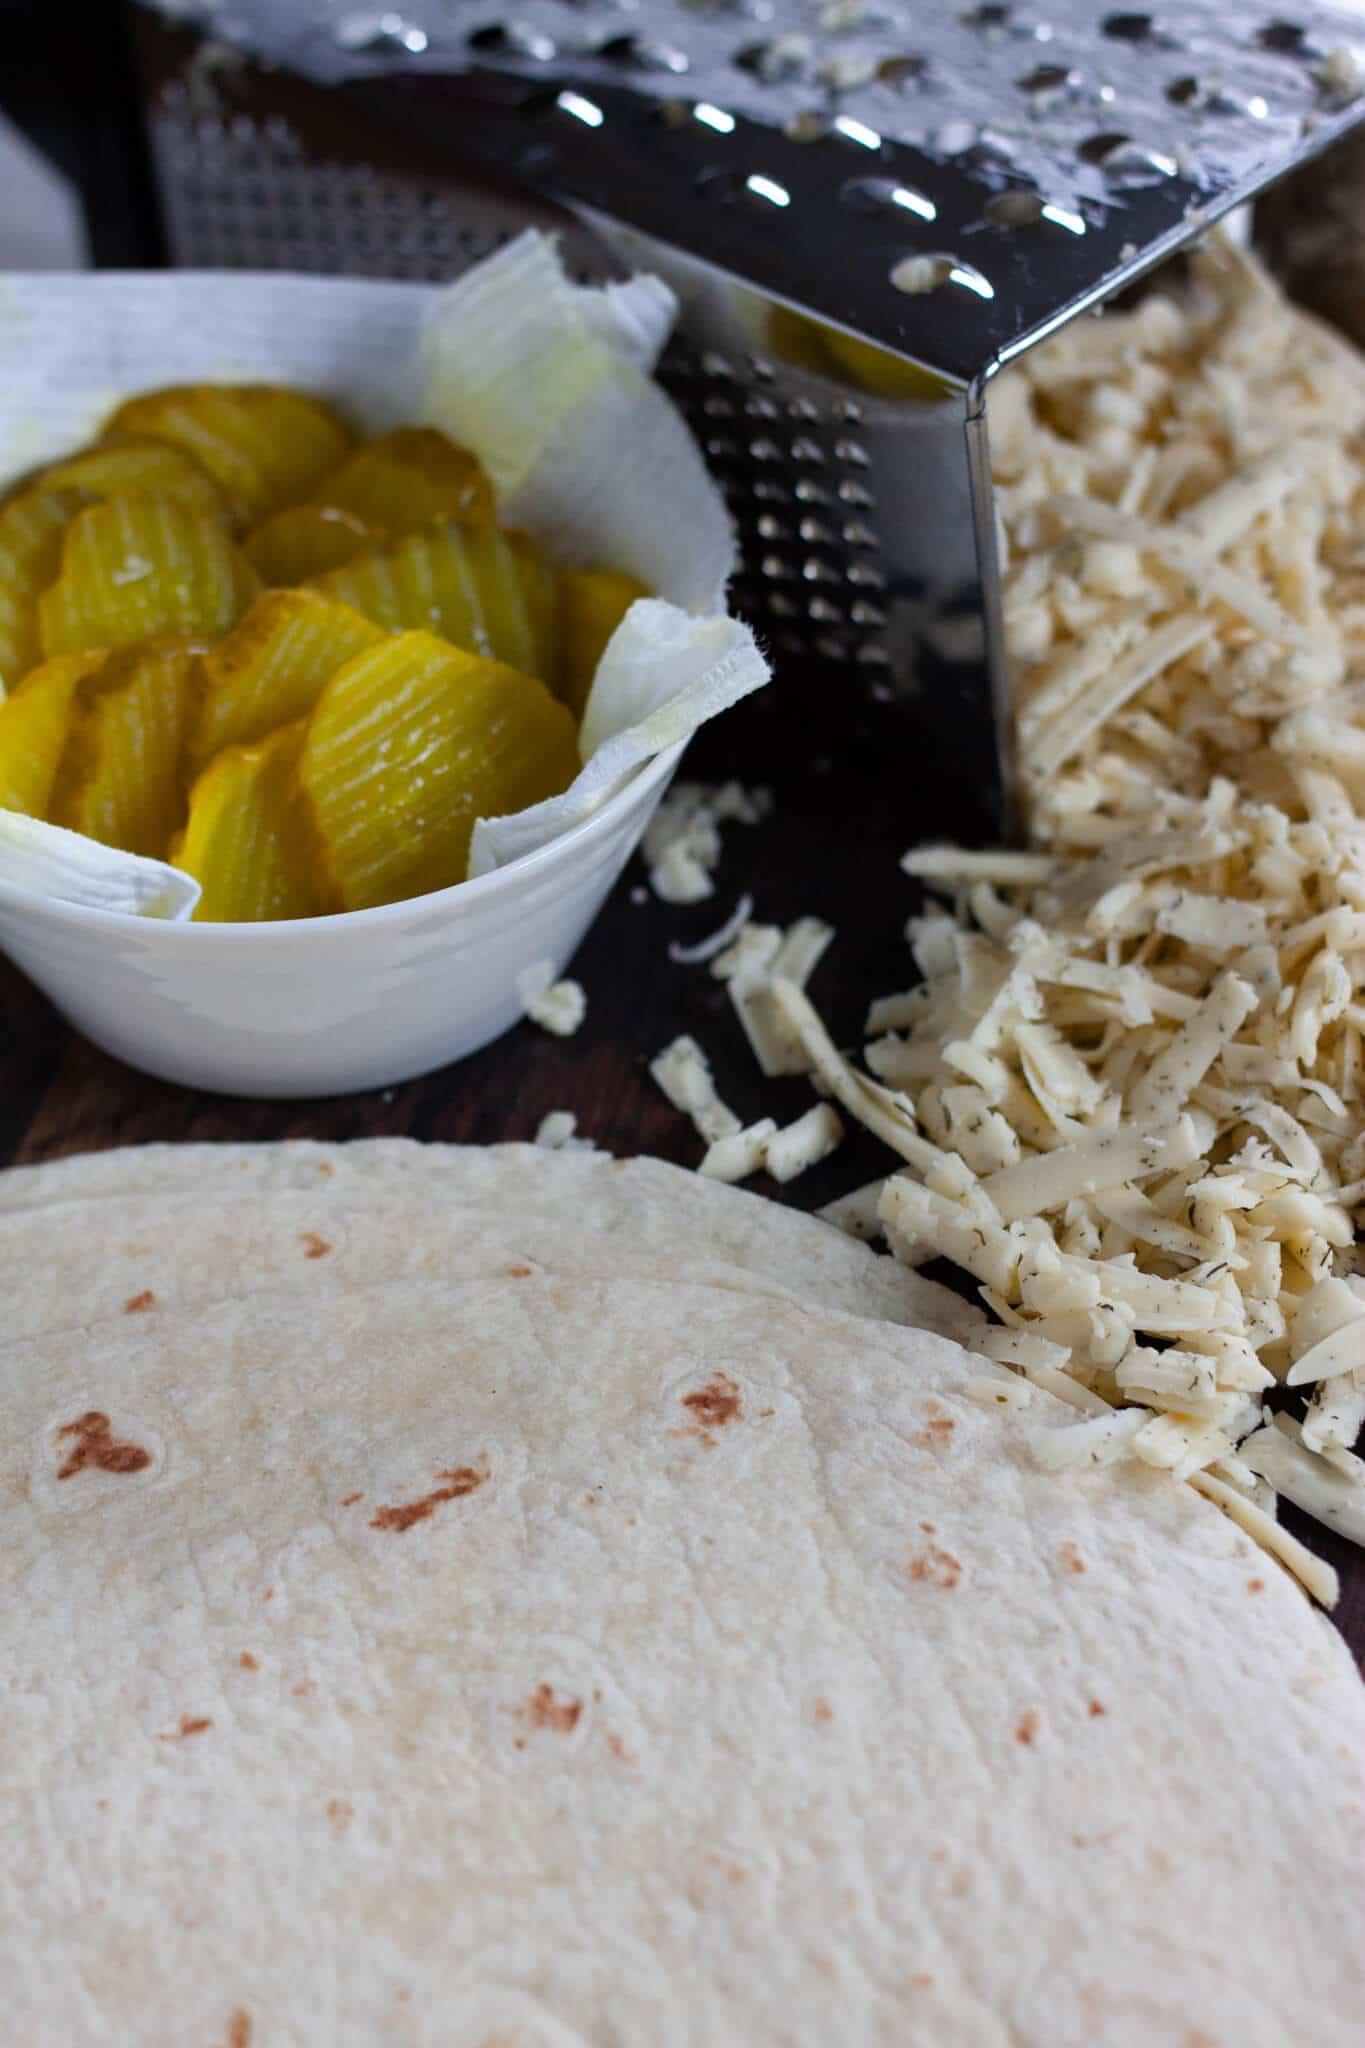 Pickles, Havarti dill cheese, tortilla